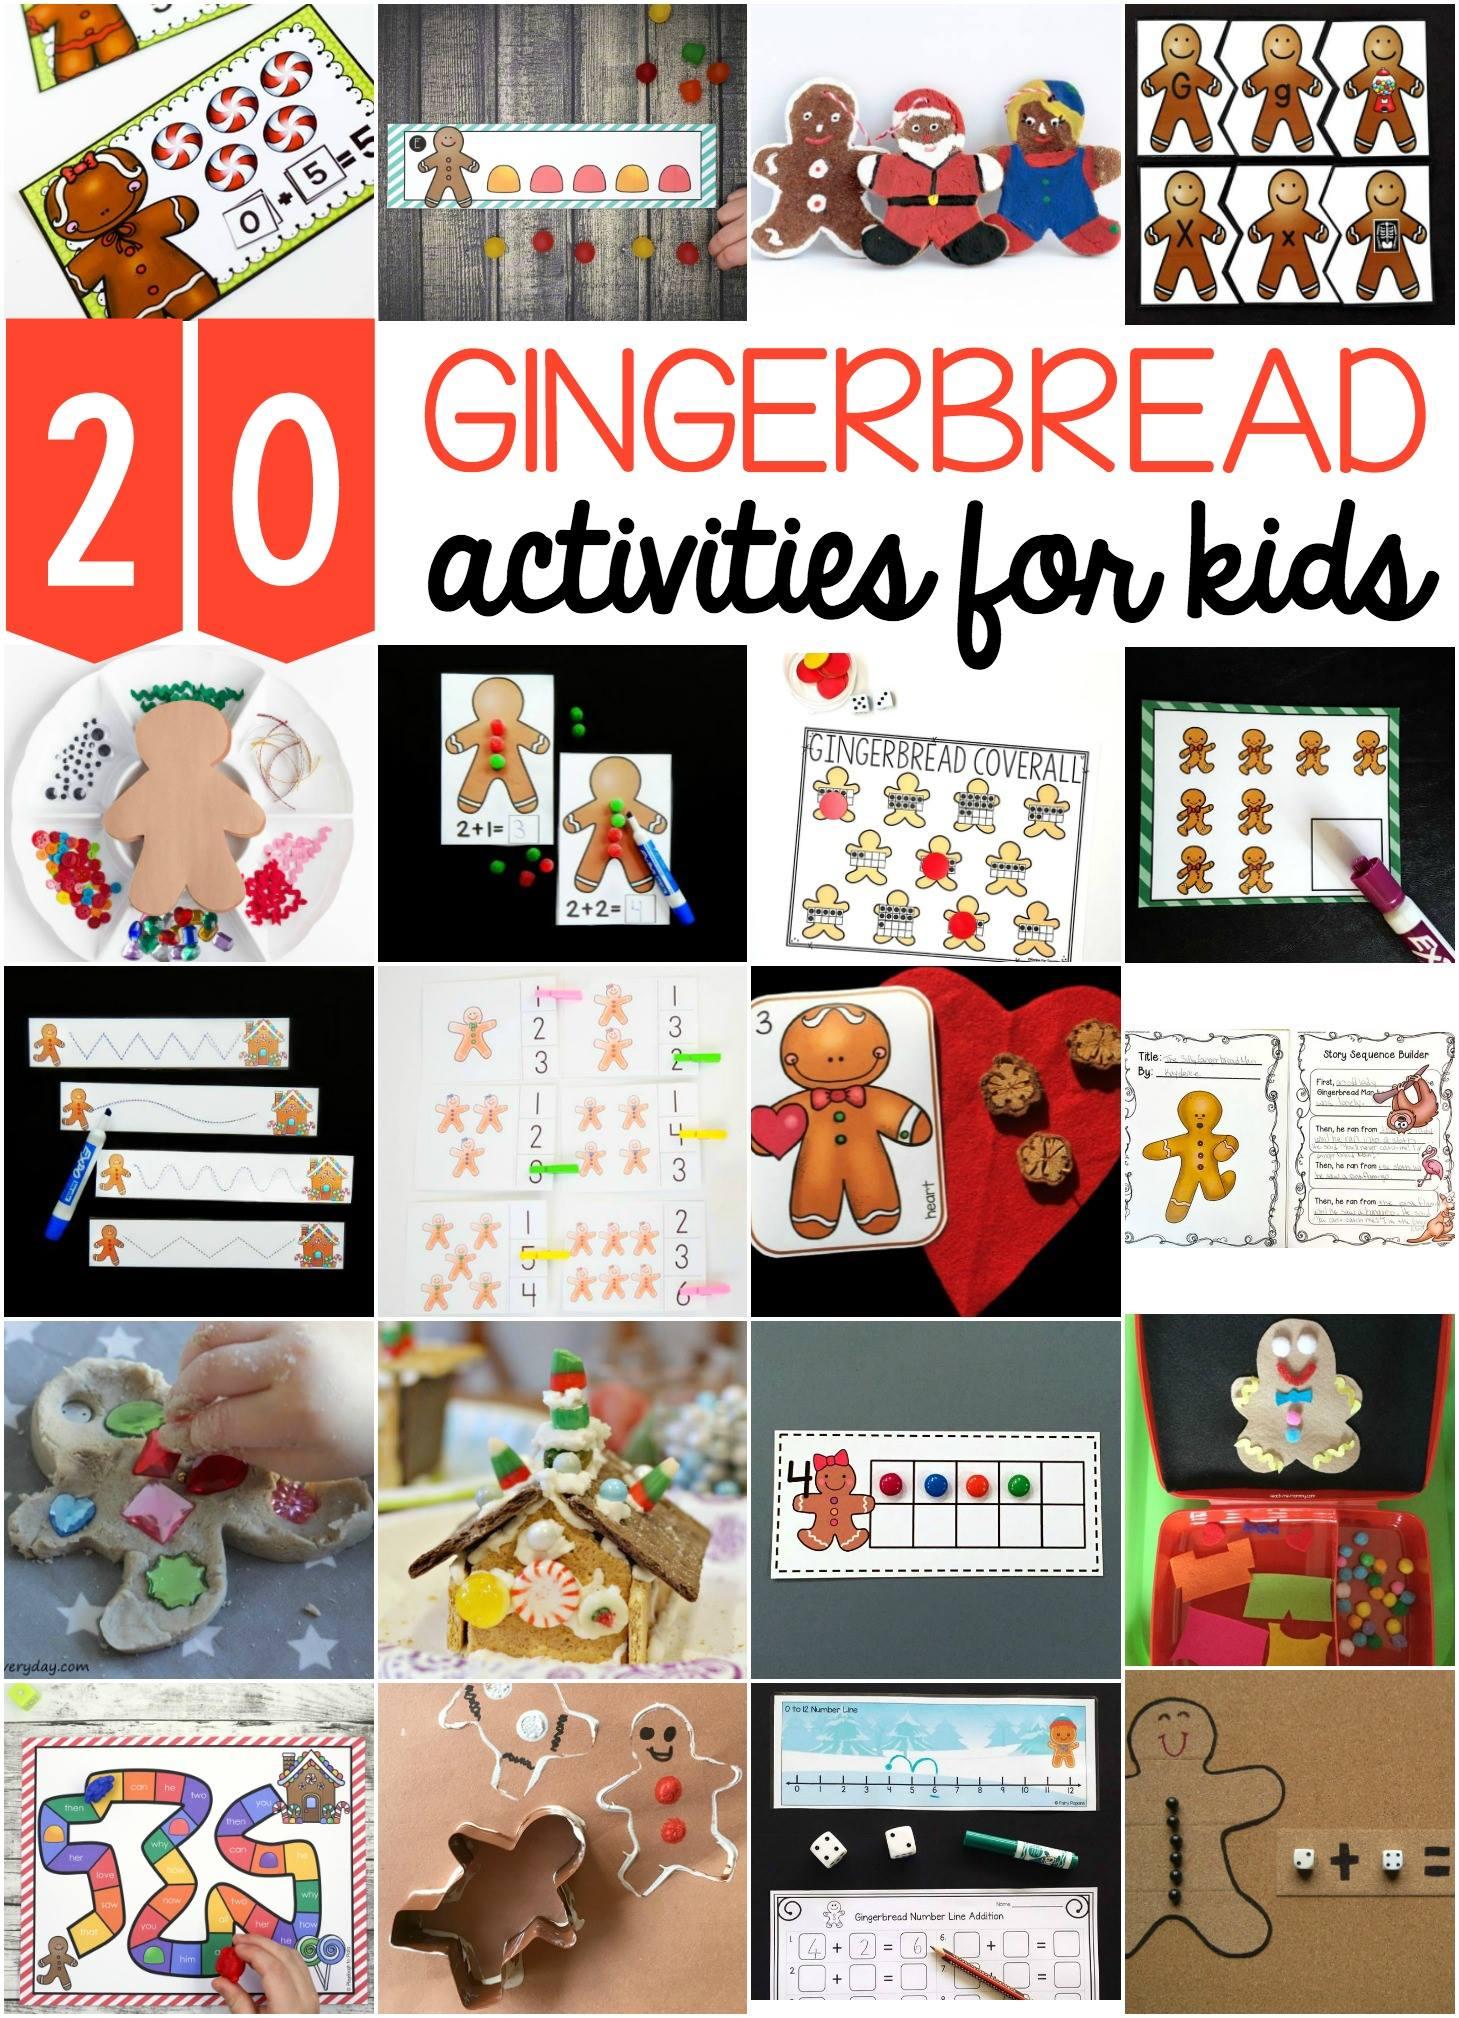 gingerbread-activities-for-kids